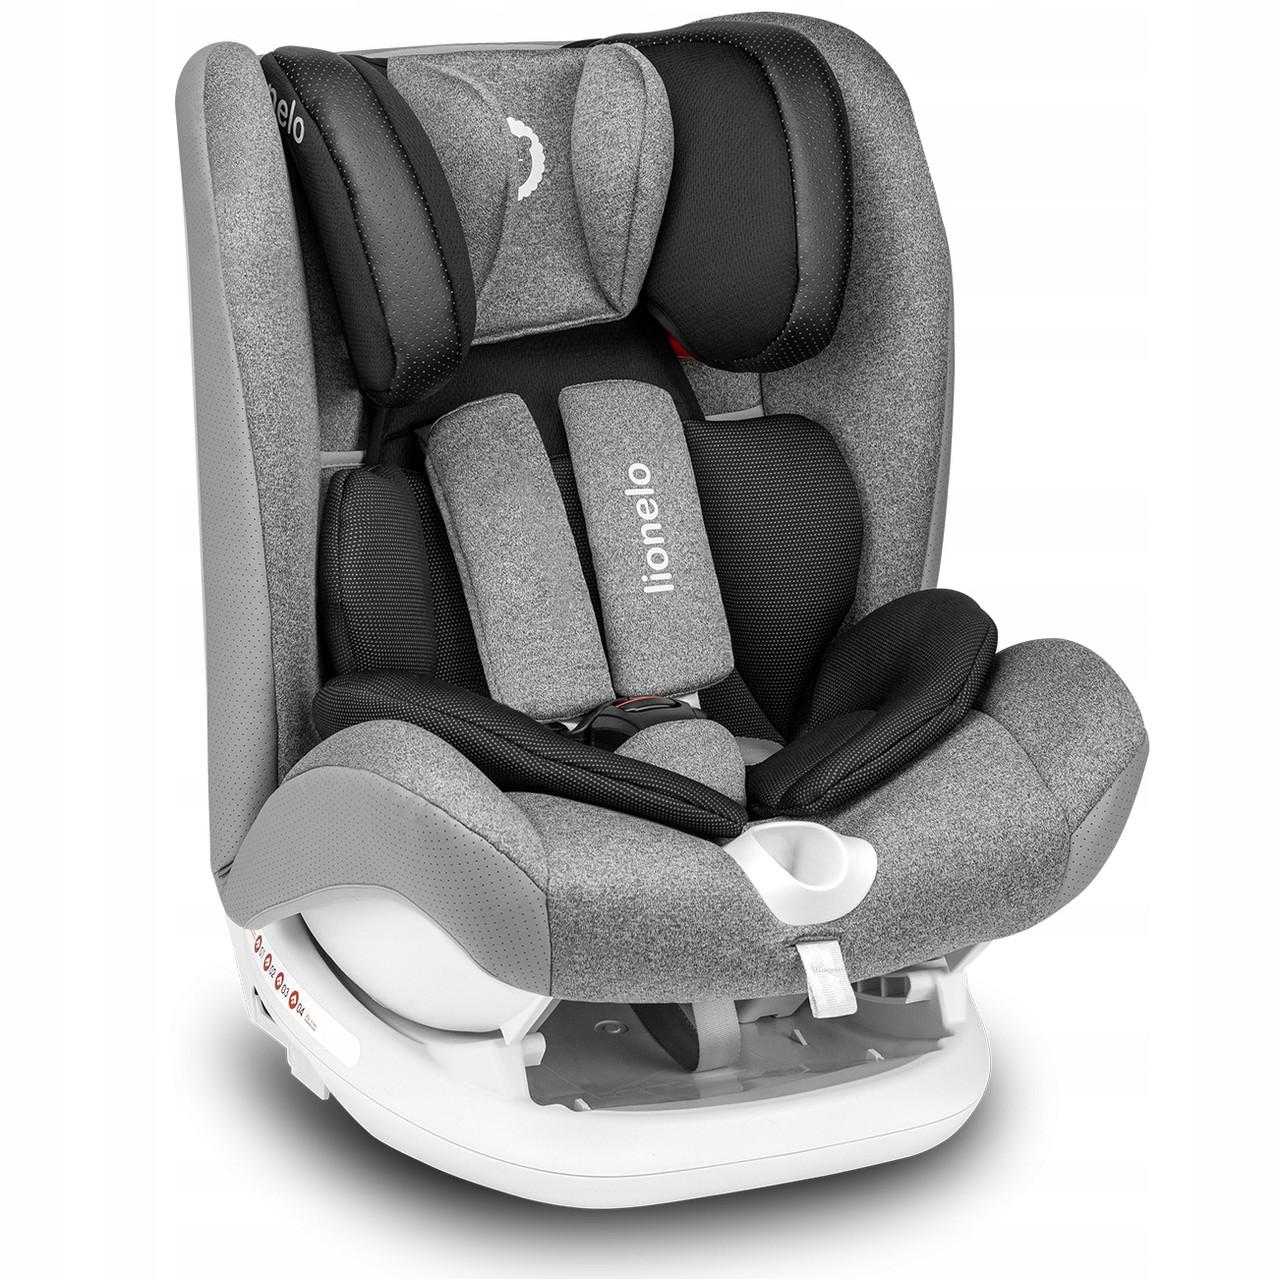 Детское автокресло для путешествий Lionelo Oliver Isofix 9-36 кг